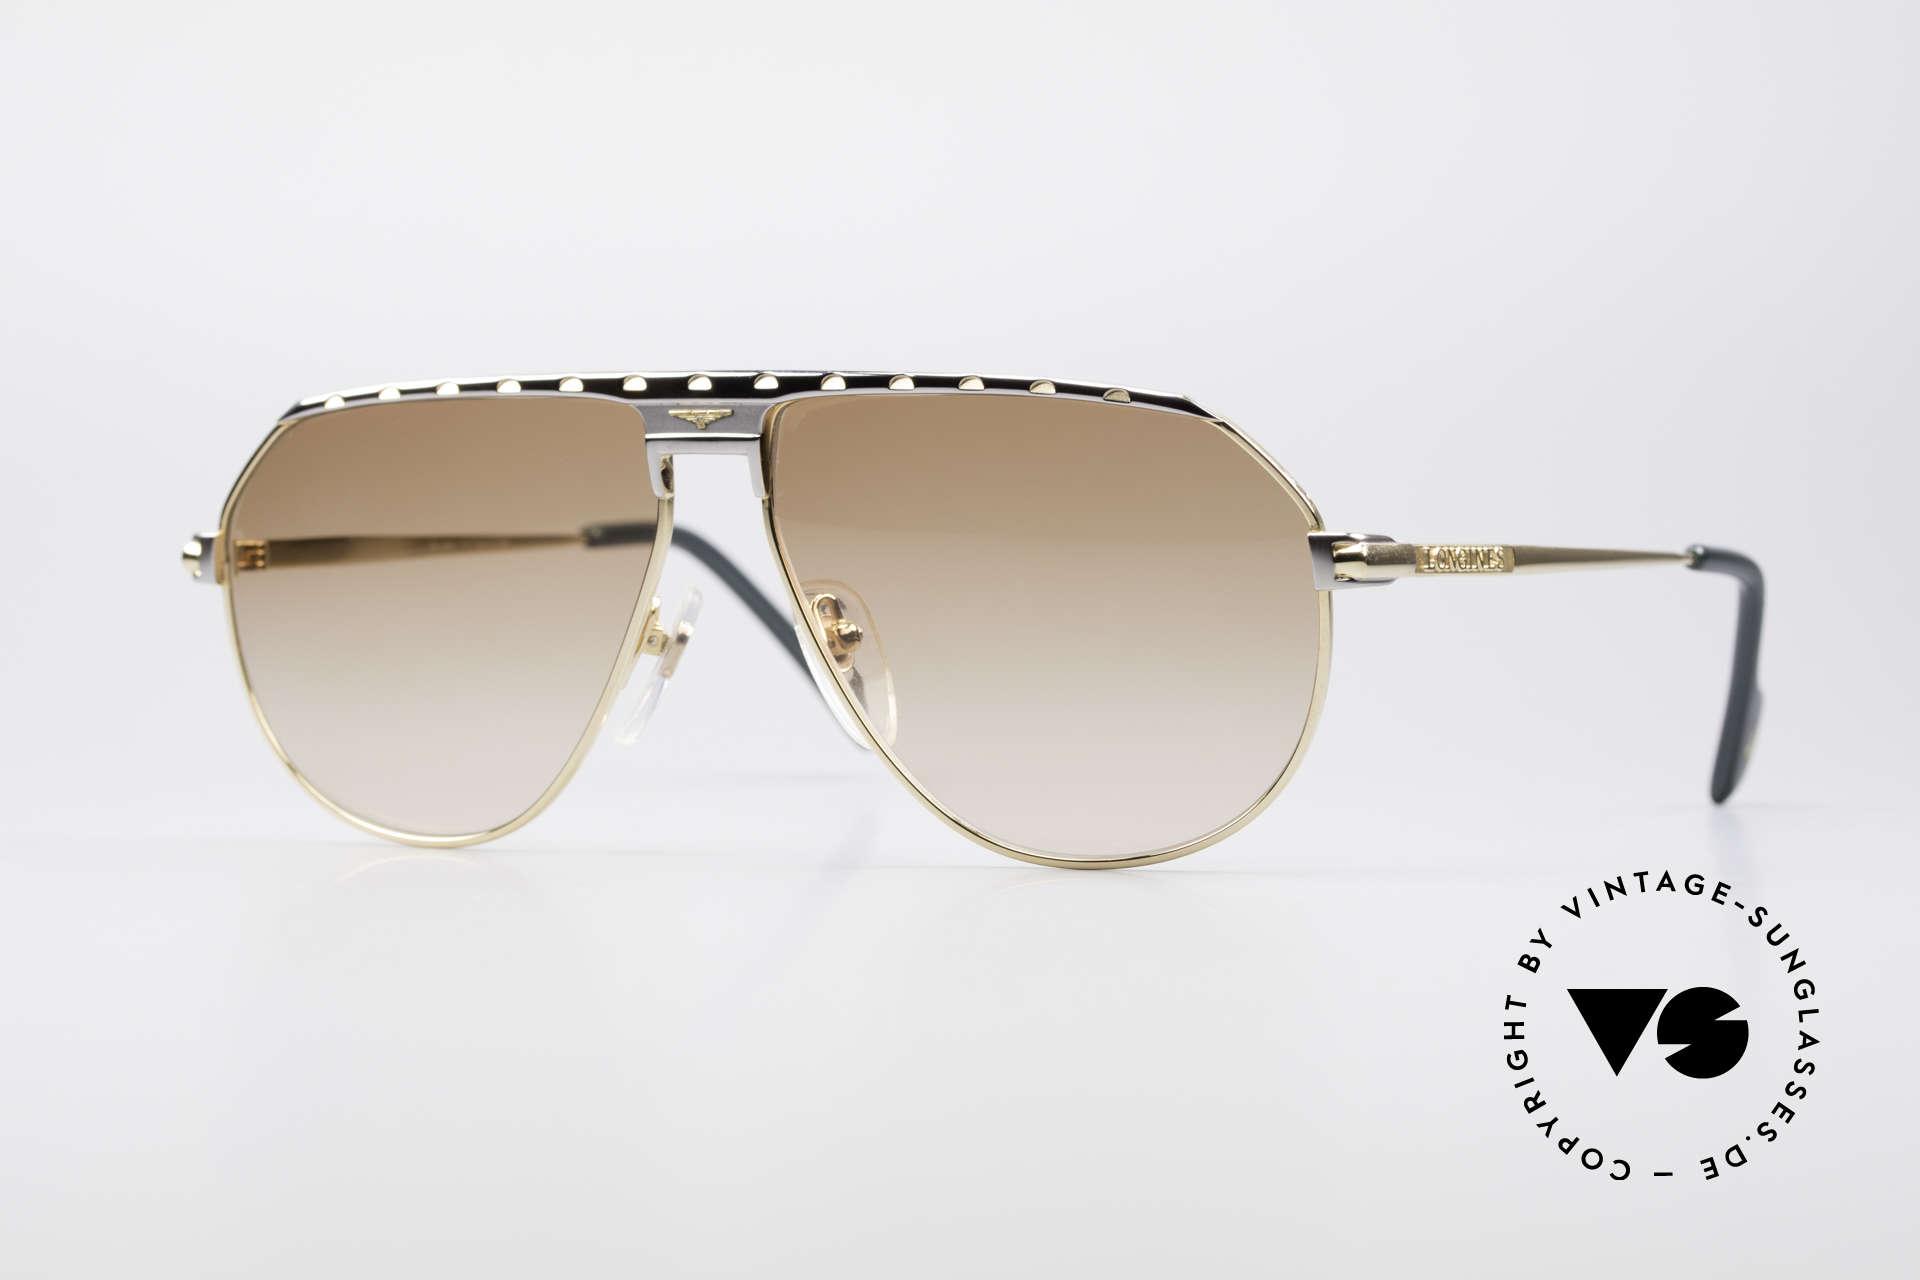 Longines 0151 Large 80's Titanium Sunglasses, premium vintage 80's designer shades by Longines, Made for Men